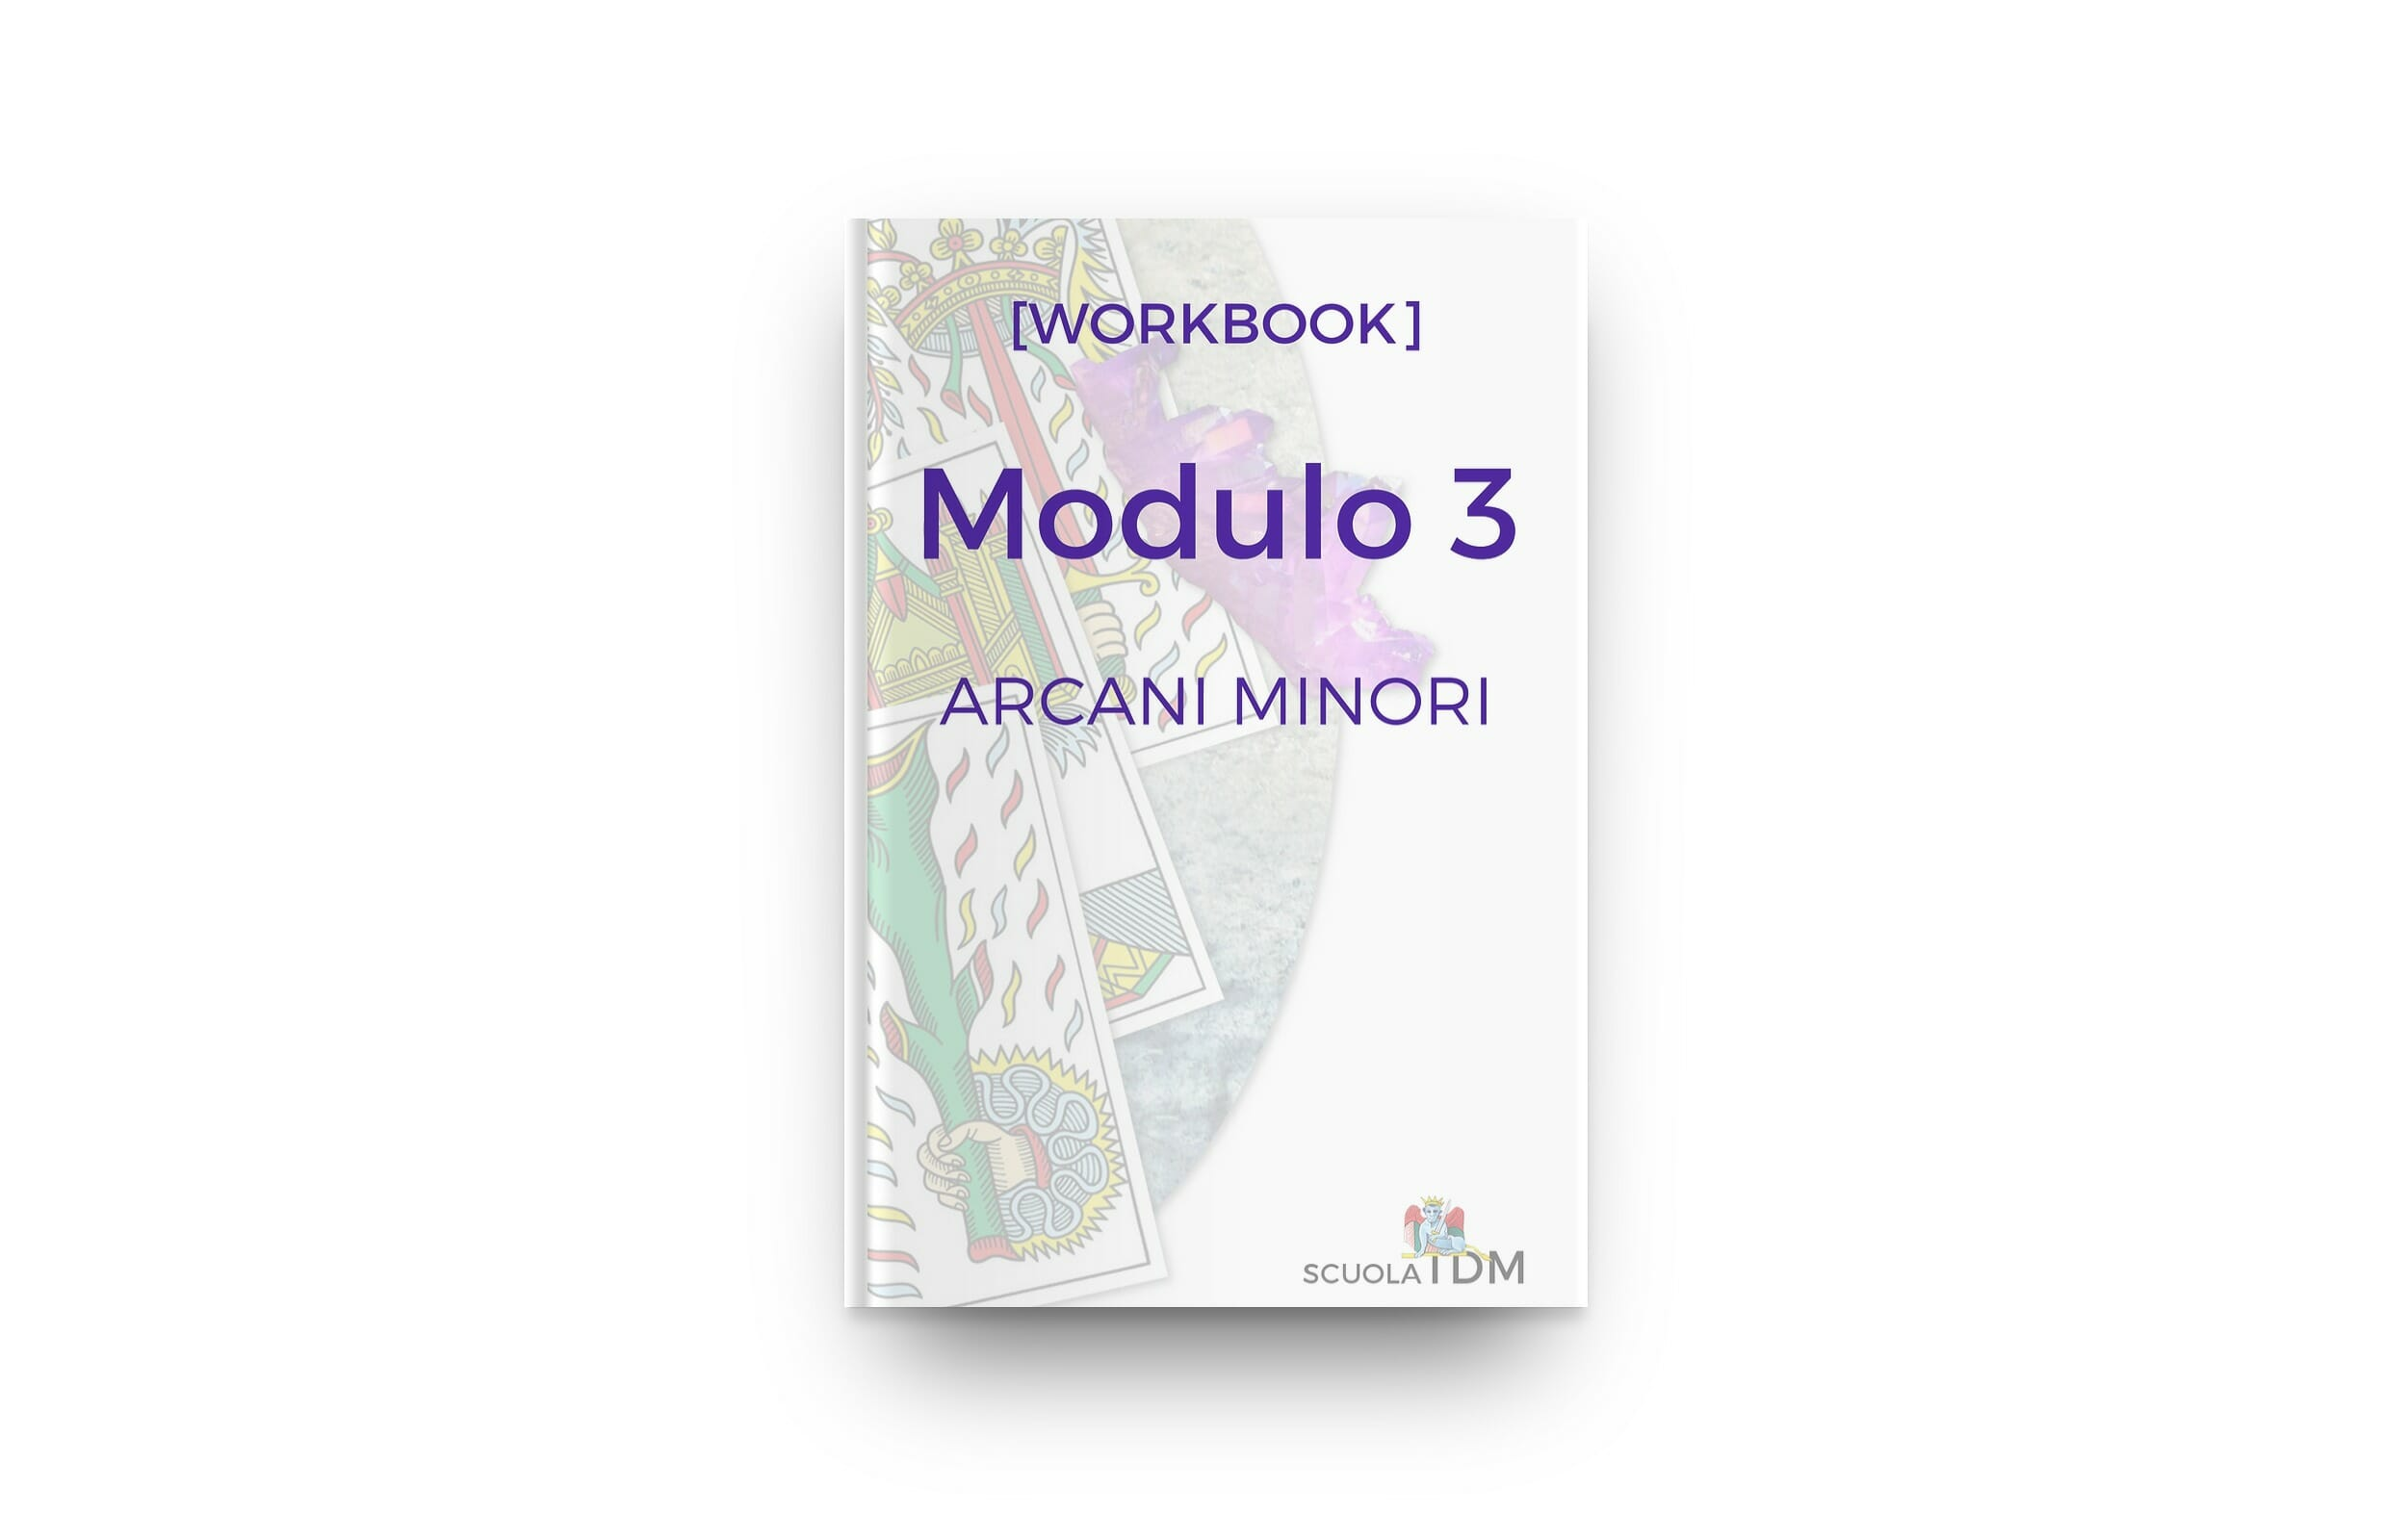 Corso Tarocchi Arcani Minori Modulo 3